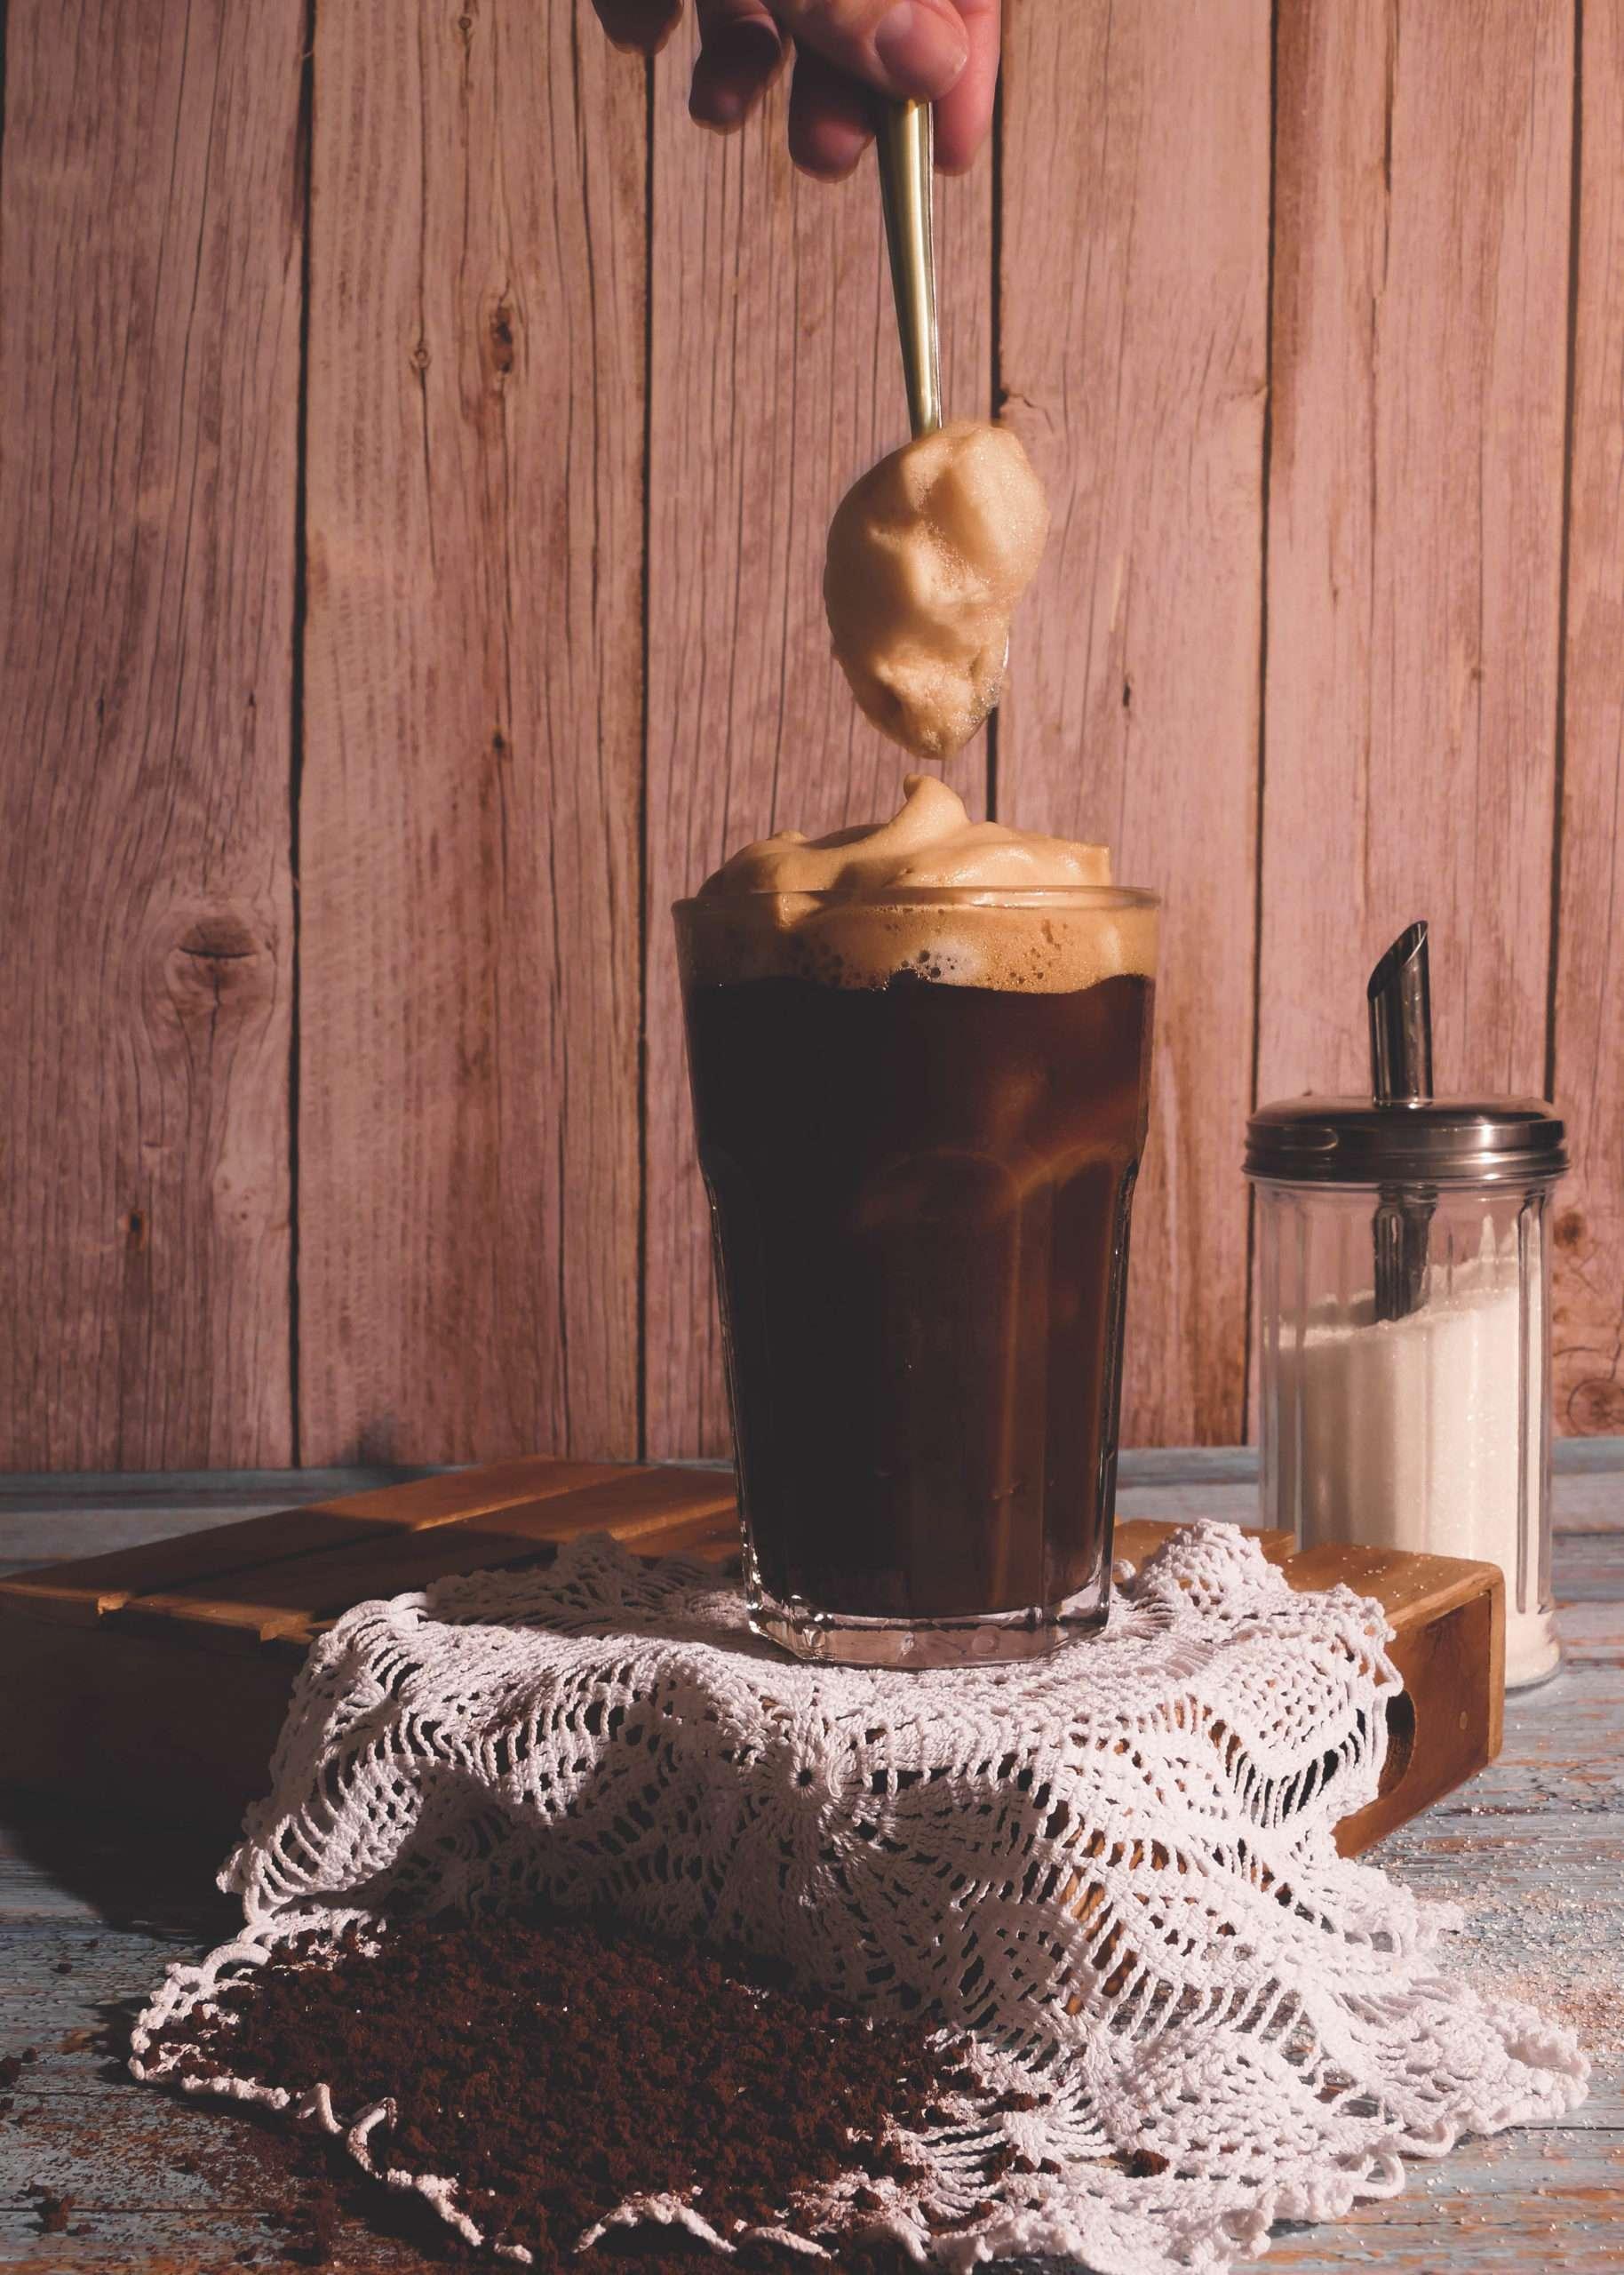 un verre avec du café frappé